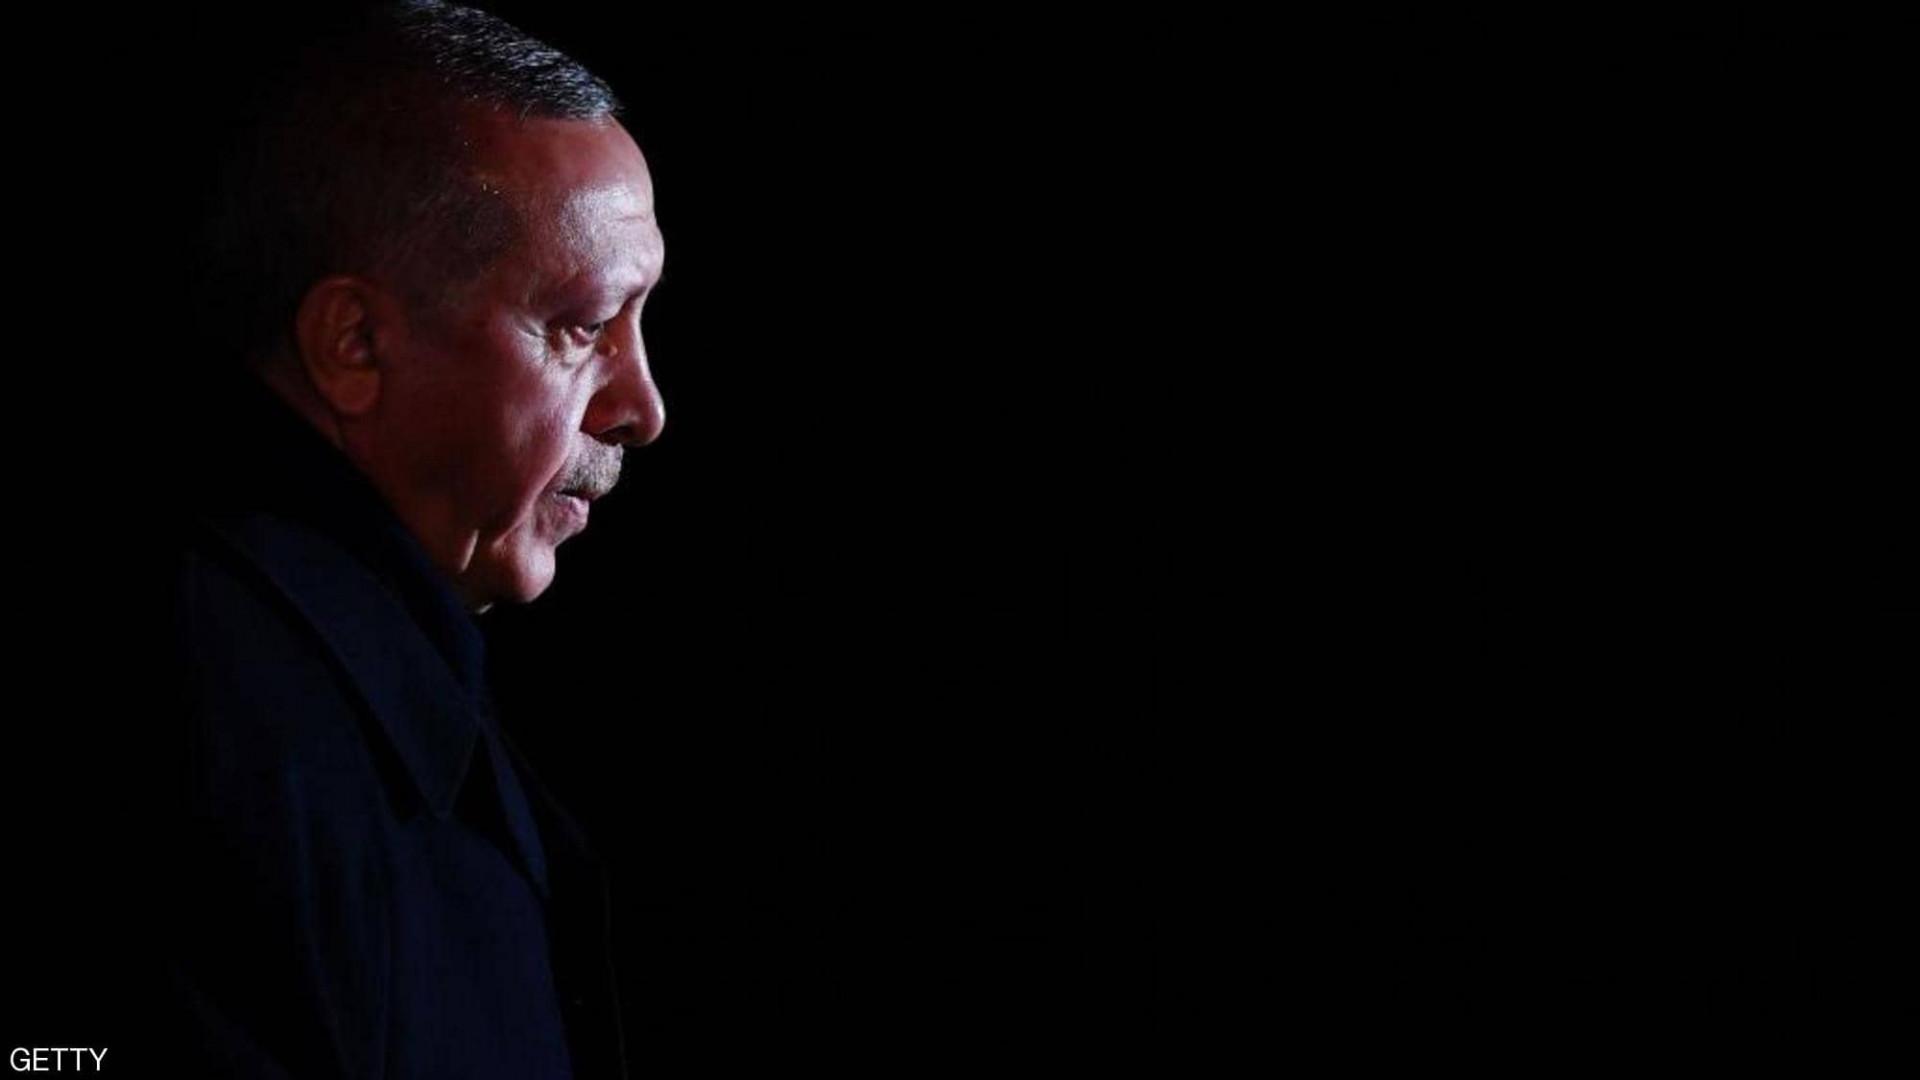 سياسات أردوغان تدفع لتراجع شعبيته في تركيا